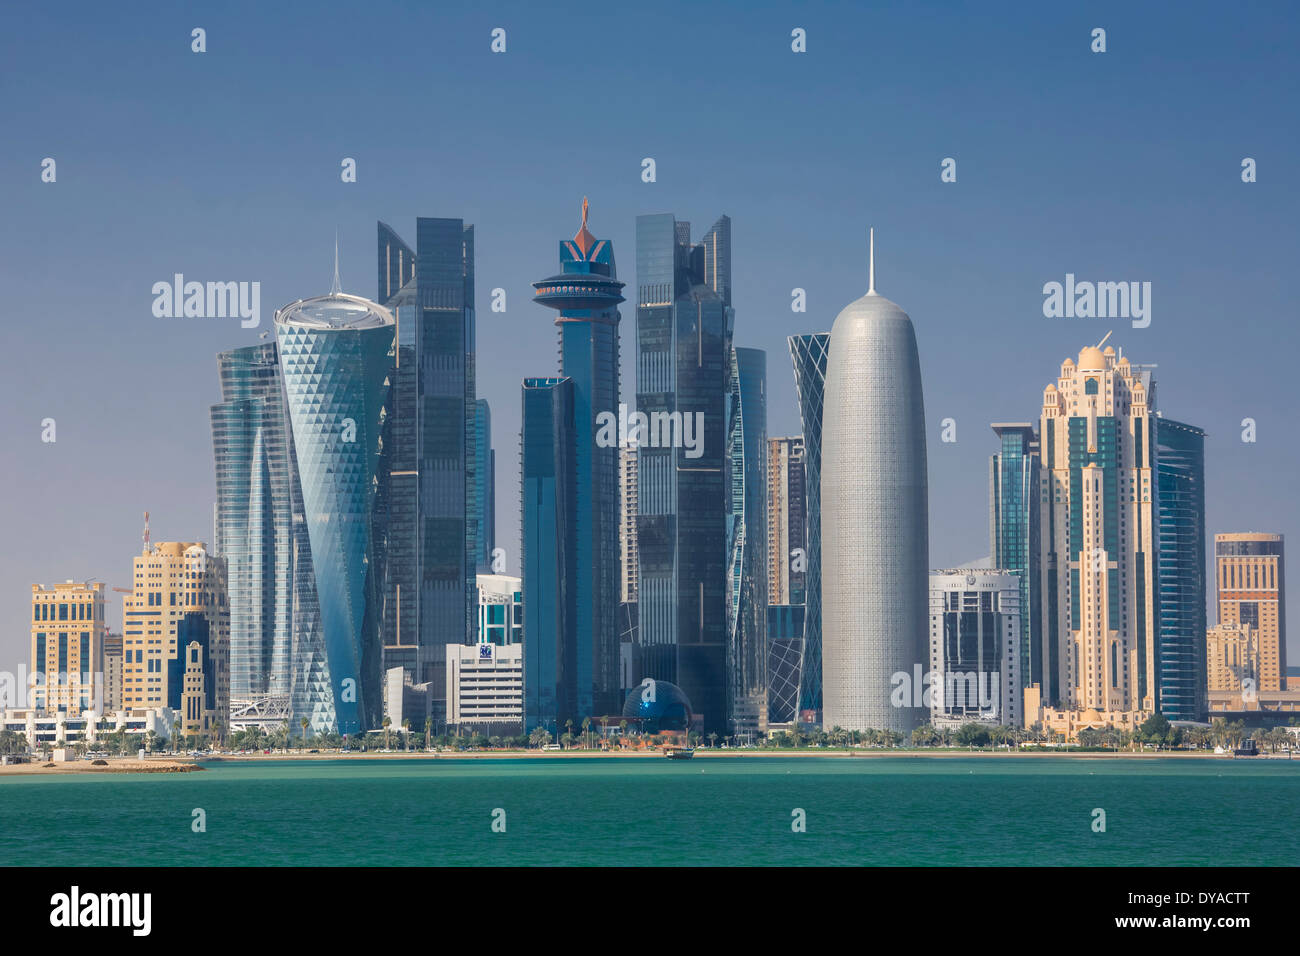 Doha, Qatar, du Moyen-Orient, de l'architecture, Bay, ville, colorée, corniche, futuriste, Skyline, touristique, voyage, West Bay, Photo Stock